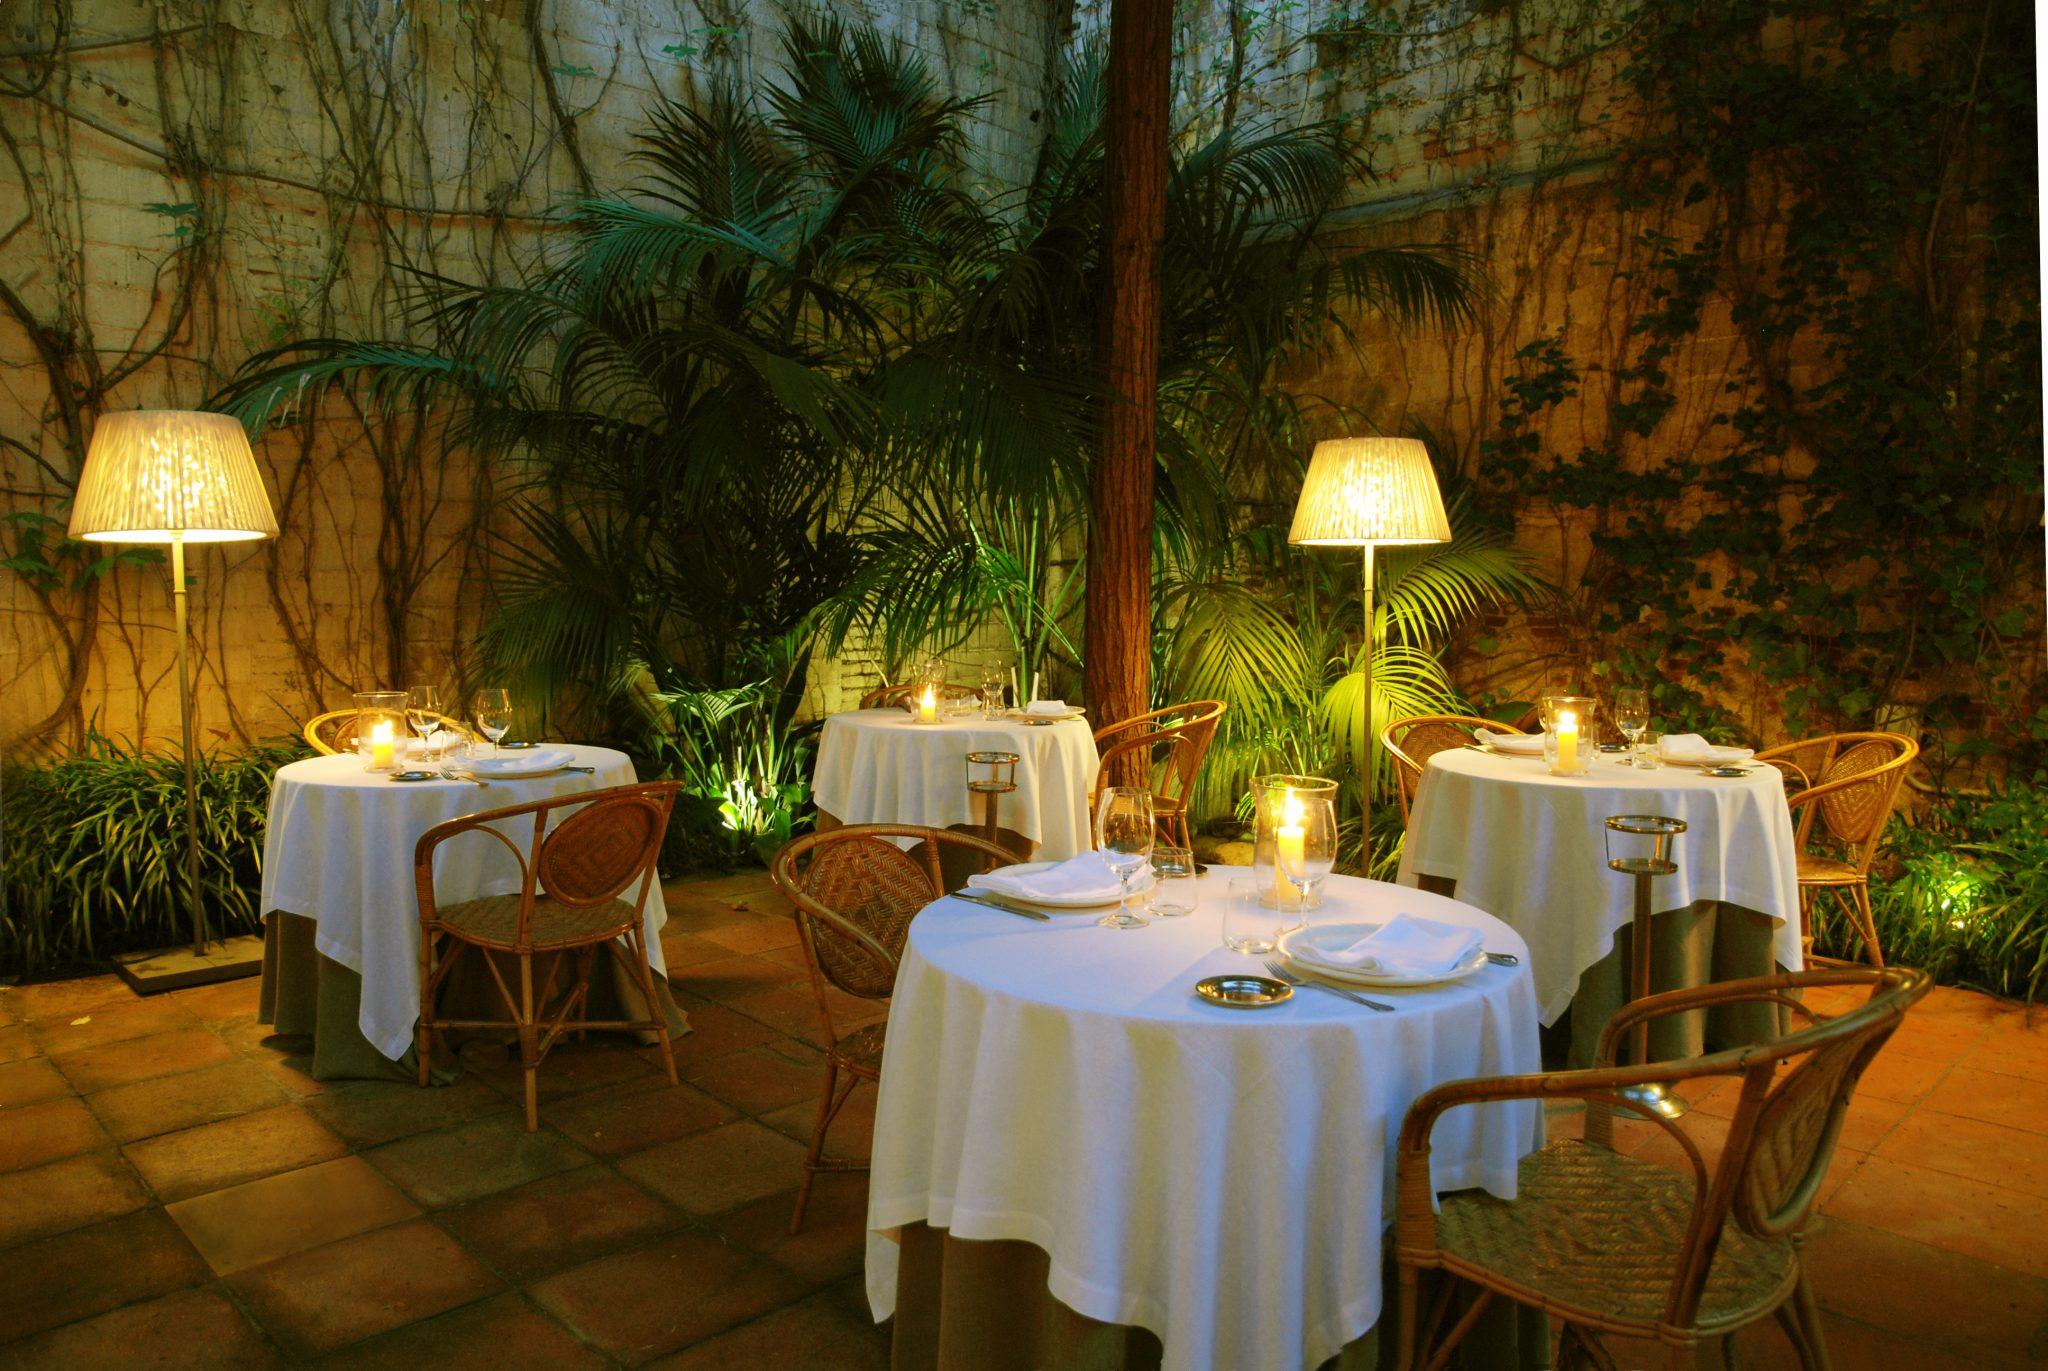 Restaurantes con jard n en barcelona diario de viaje for Casa con jardin barcelona